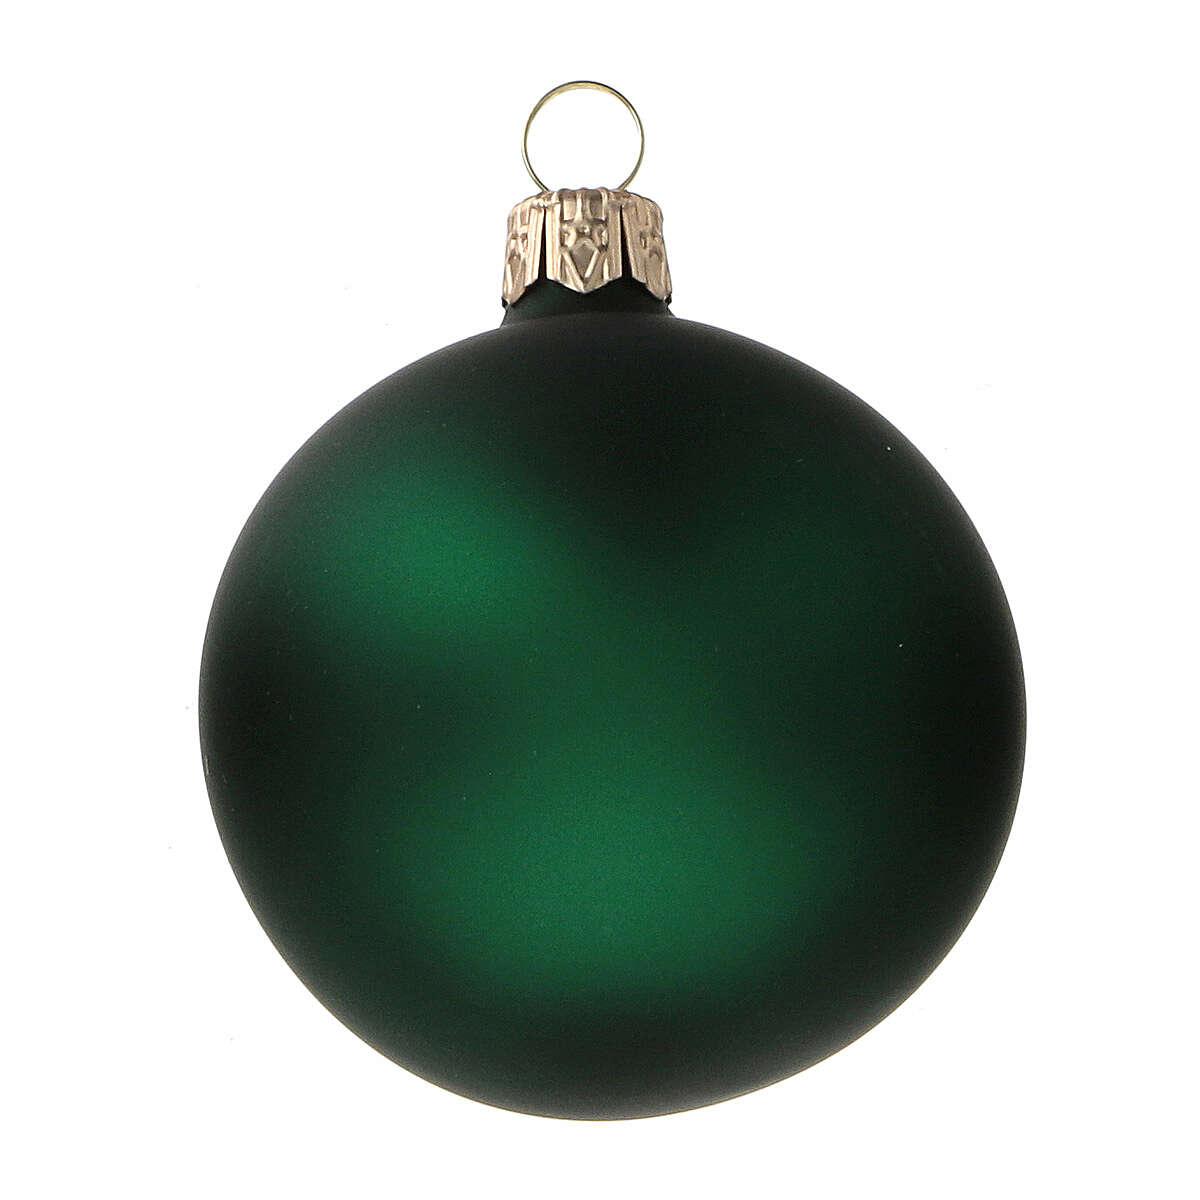 Bolas árvore de Natal vidro soprado verde opaco 60 mm 6 unidades 4